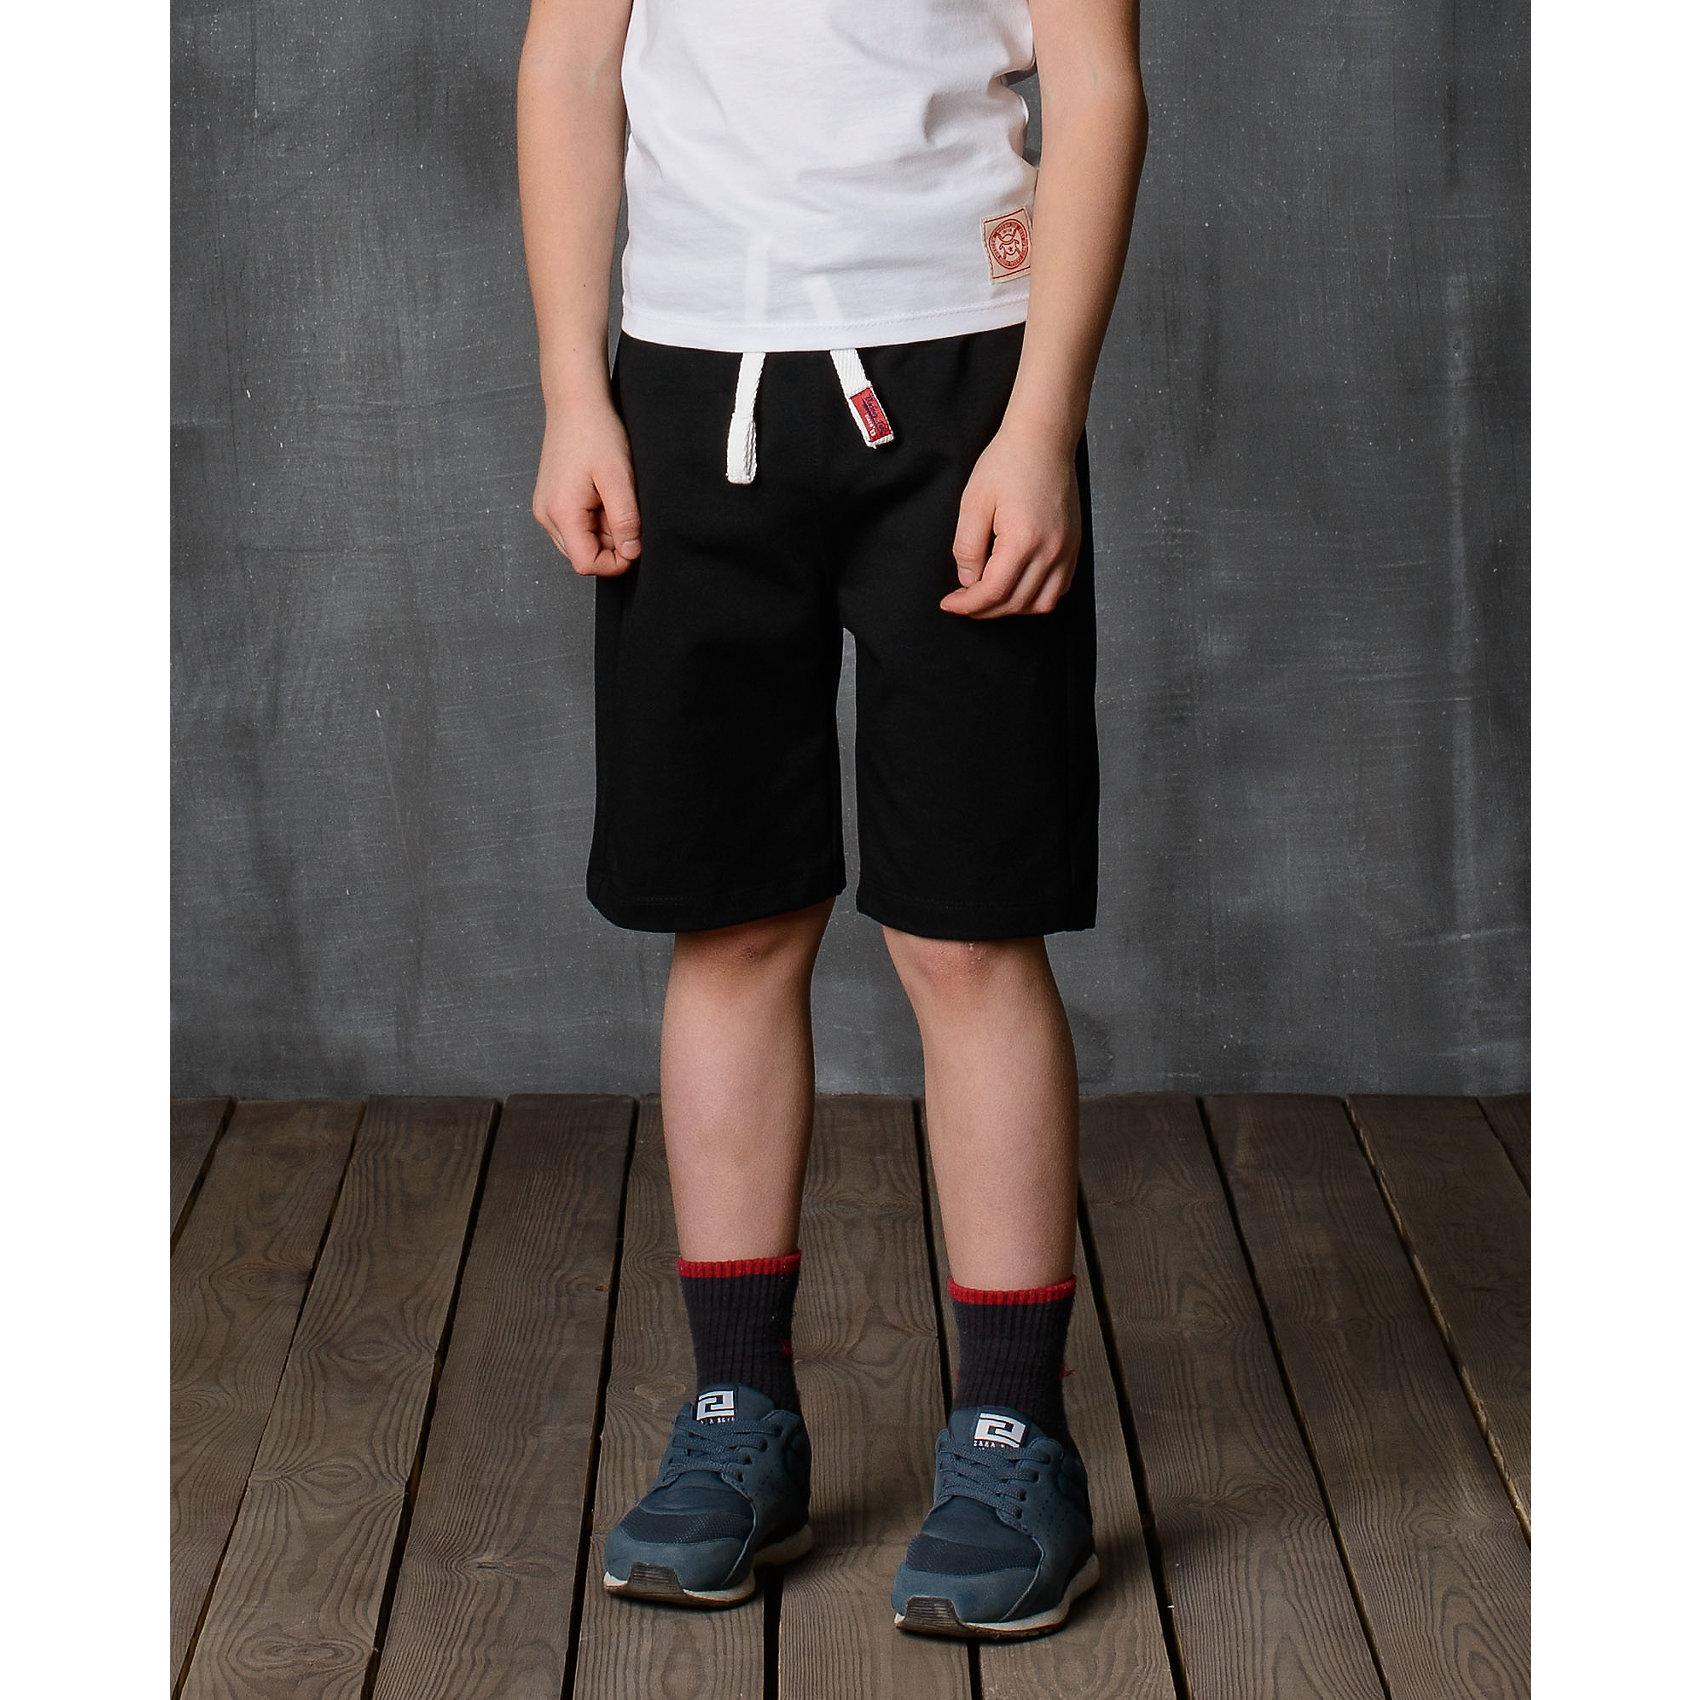 Шорты для мальчика Modniy JukШорты, бриджи, капри<br>Удобные спортивные шорты из тонкого высококачественного трикотажа с добавлением эластана. Задний накладной карман. Комфортный мягкий пояс и манжеты из трикотажной резинки. Яркая нашивка в стиле Modniy Juk. Полуприлегающий силуэт.<br>Состав:<br>70% хлопок, 30% полиэстер<br><br>Ширина мм: 191<br>Глубина мм: 10<br>Высота мм: 175<br>Вес г: 273<br>Цвет: черный<br>Возраст от месяцев: 48<br>Возраст до месяцев: 60<br>Пол: Мужской<br>Возраст: Детский<br>Размер: 104/110,110/116,116/122,122/128,128/134,134/140,140/146,146/152,152/158,158/164<br>SKU: 5614101